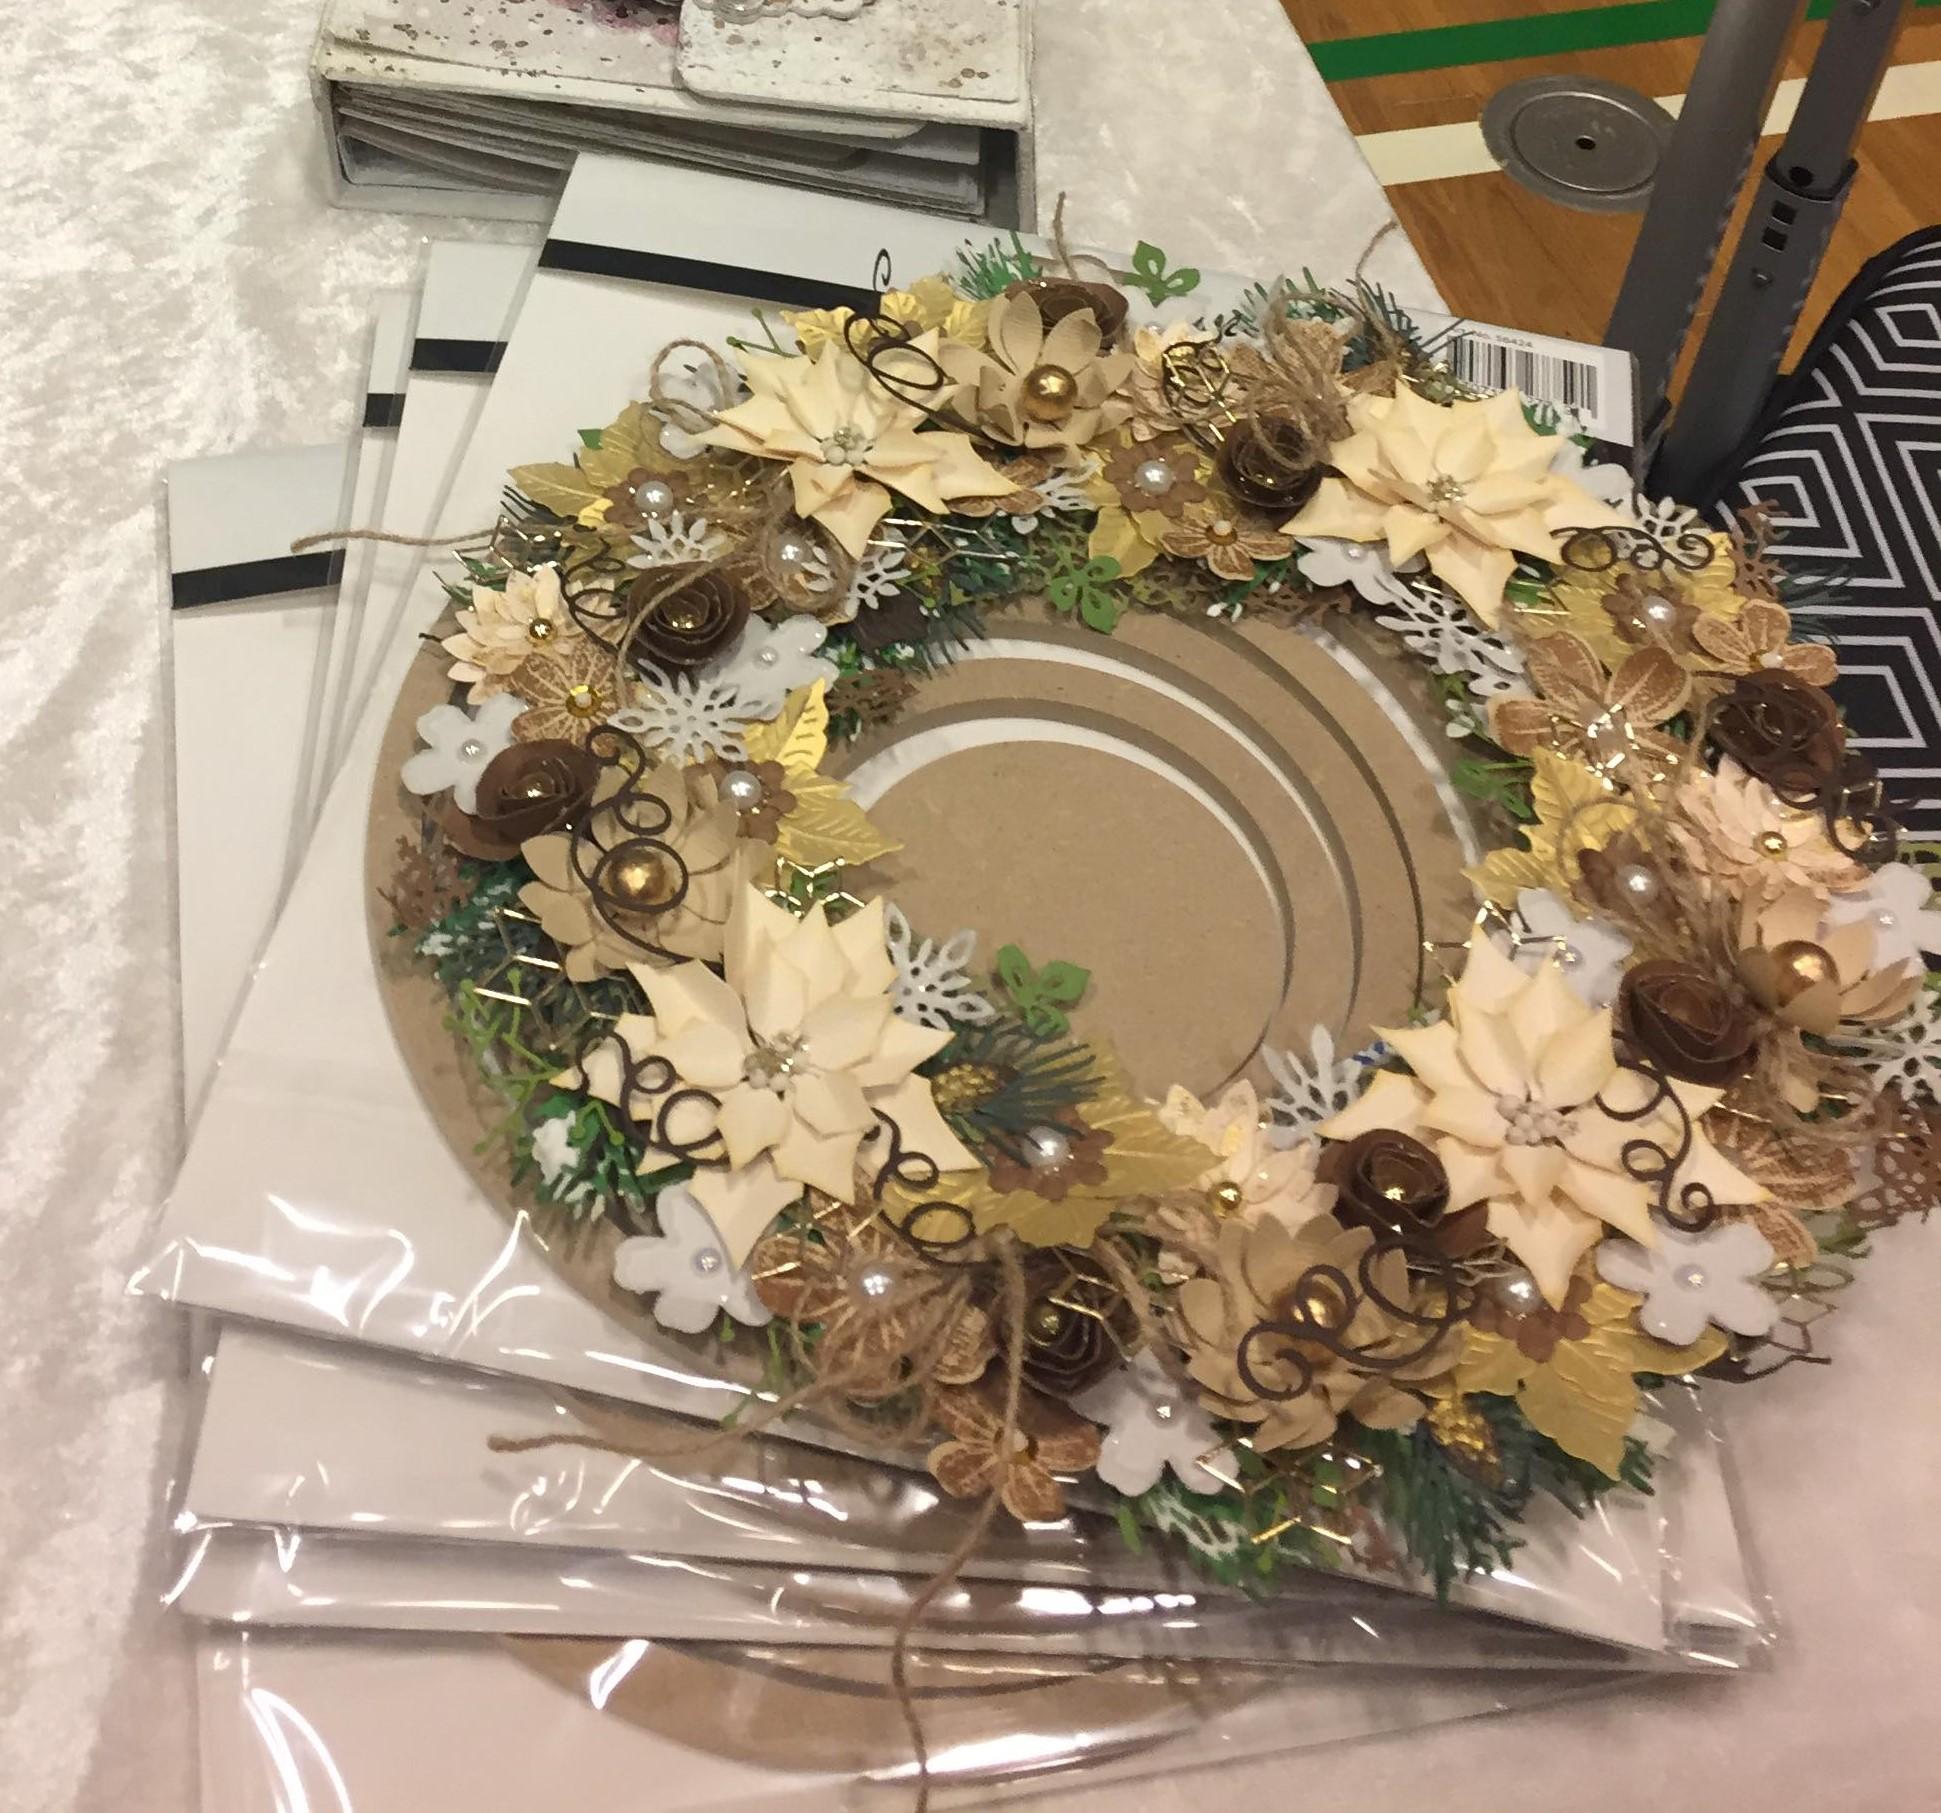 Smukke blomsterkranse og lysestager